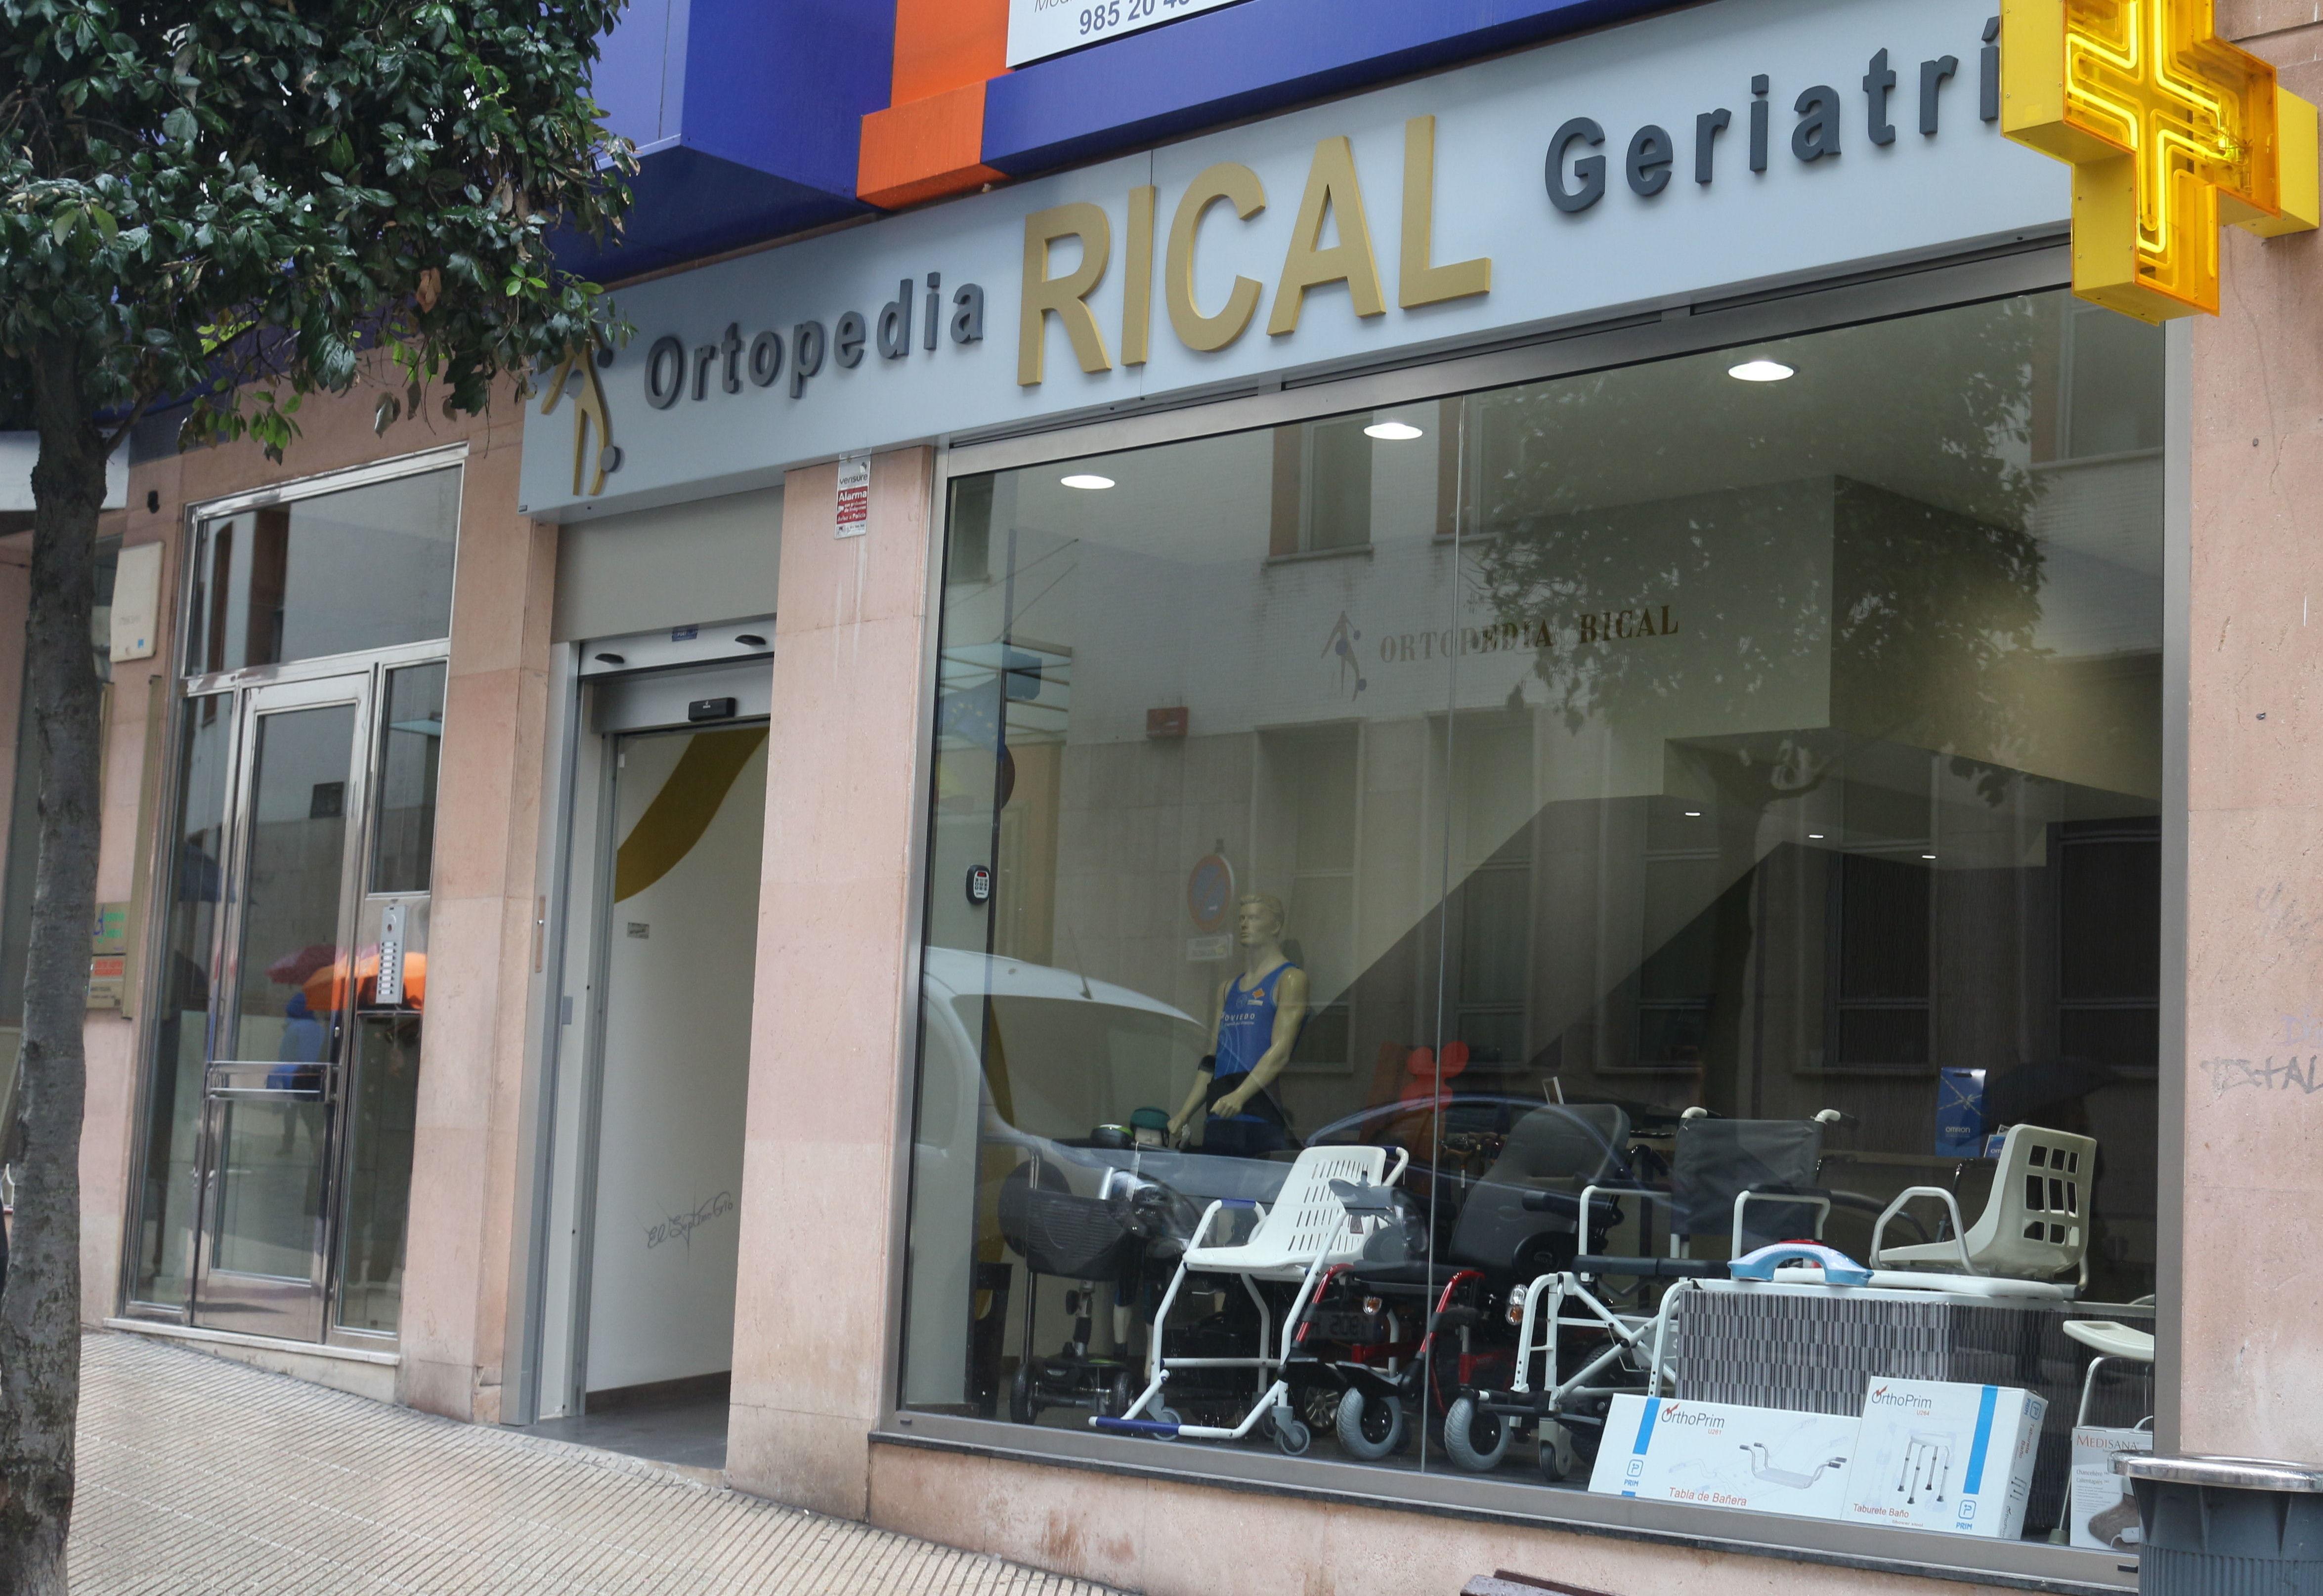 Foto 4 de Ortopedia en Oviedo | Ortopedia Rical